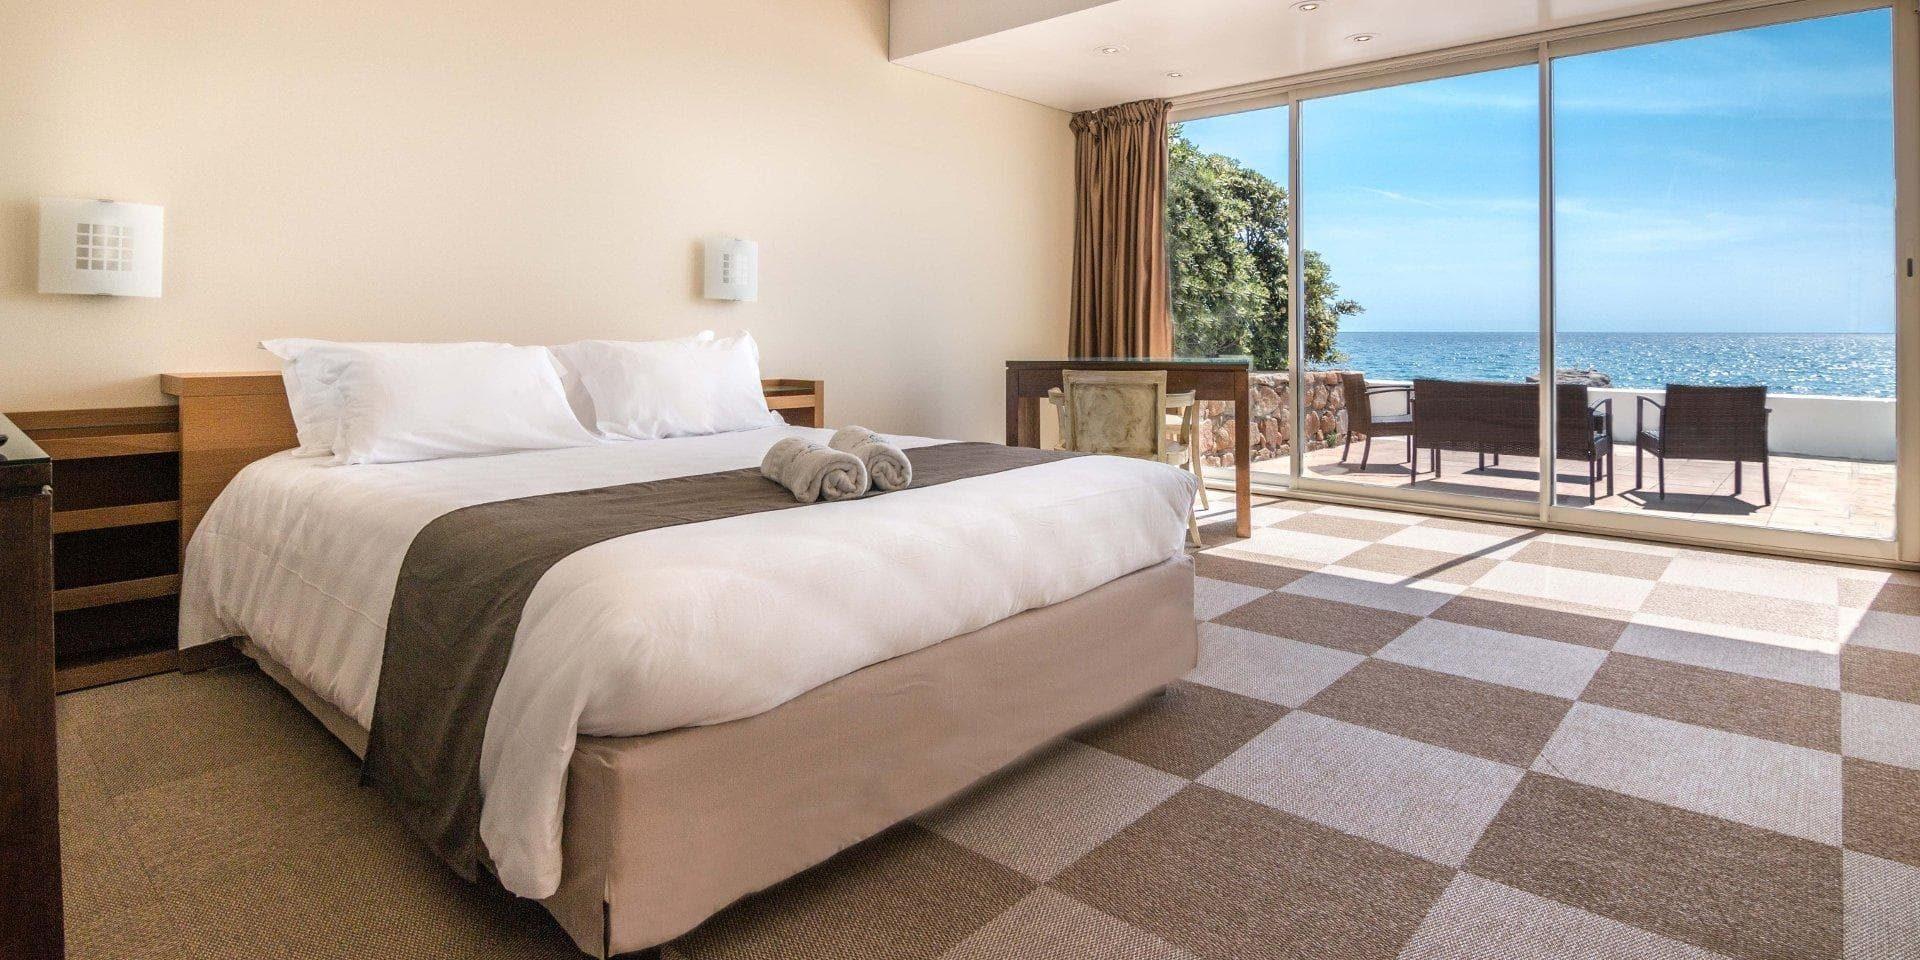 Hotel Cala di Sole Ajaccio Corsica Frankrijk tweepersoonskamer comfort terras zeezijde